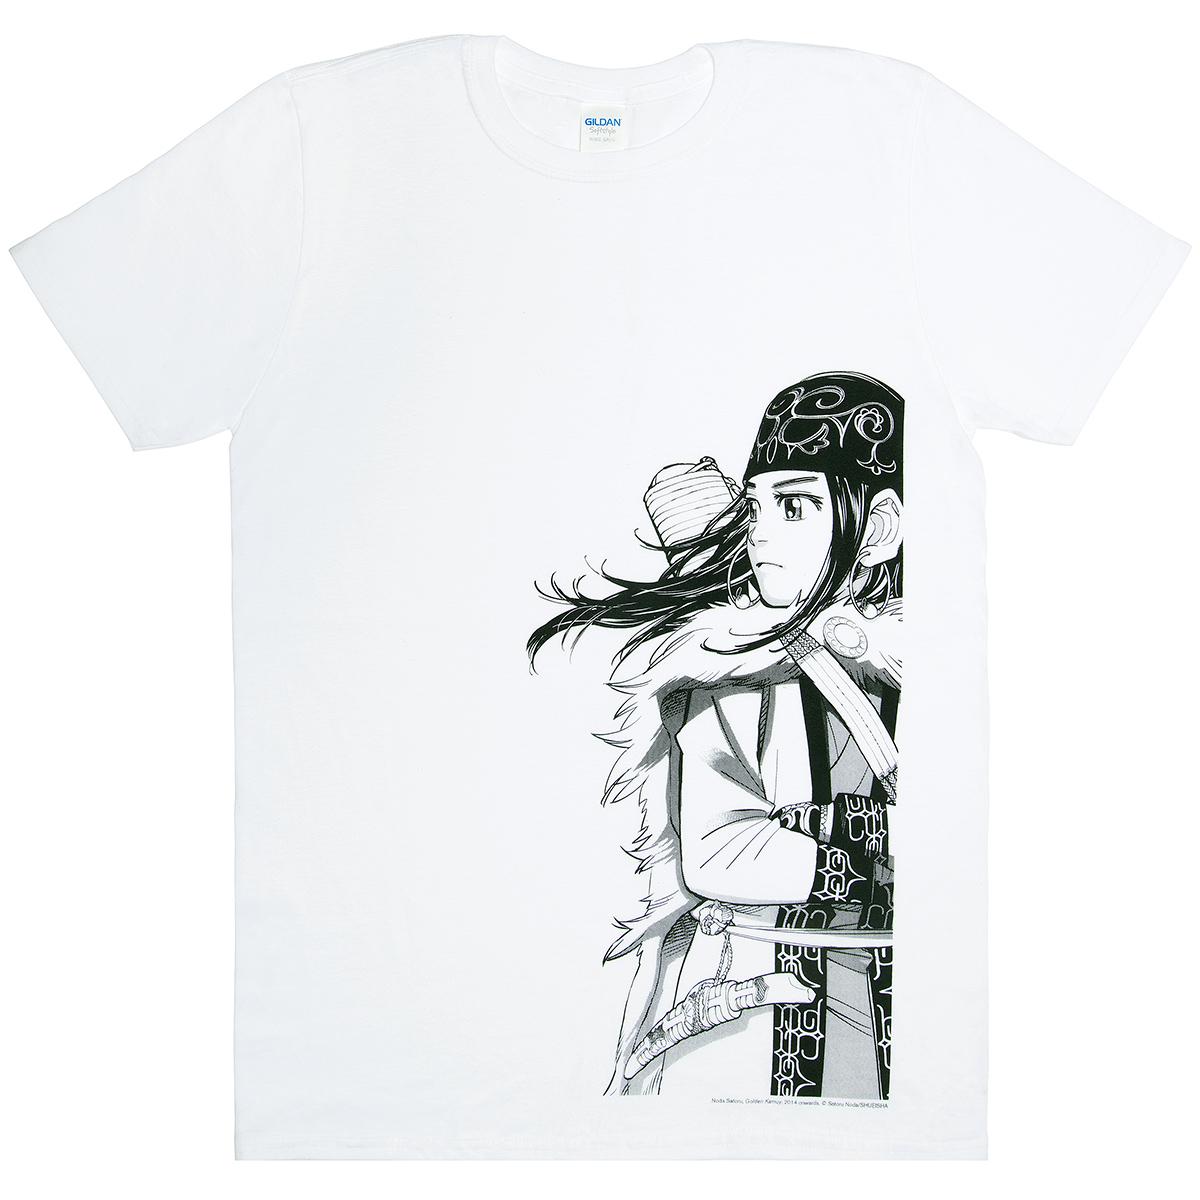 Golden Kamuy t-shirt (XL)